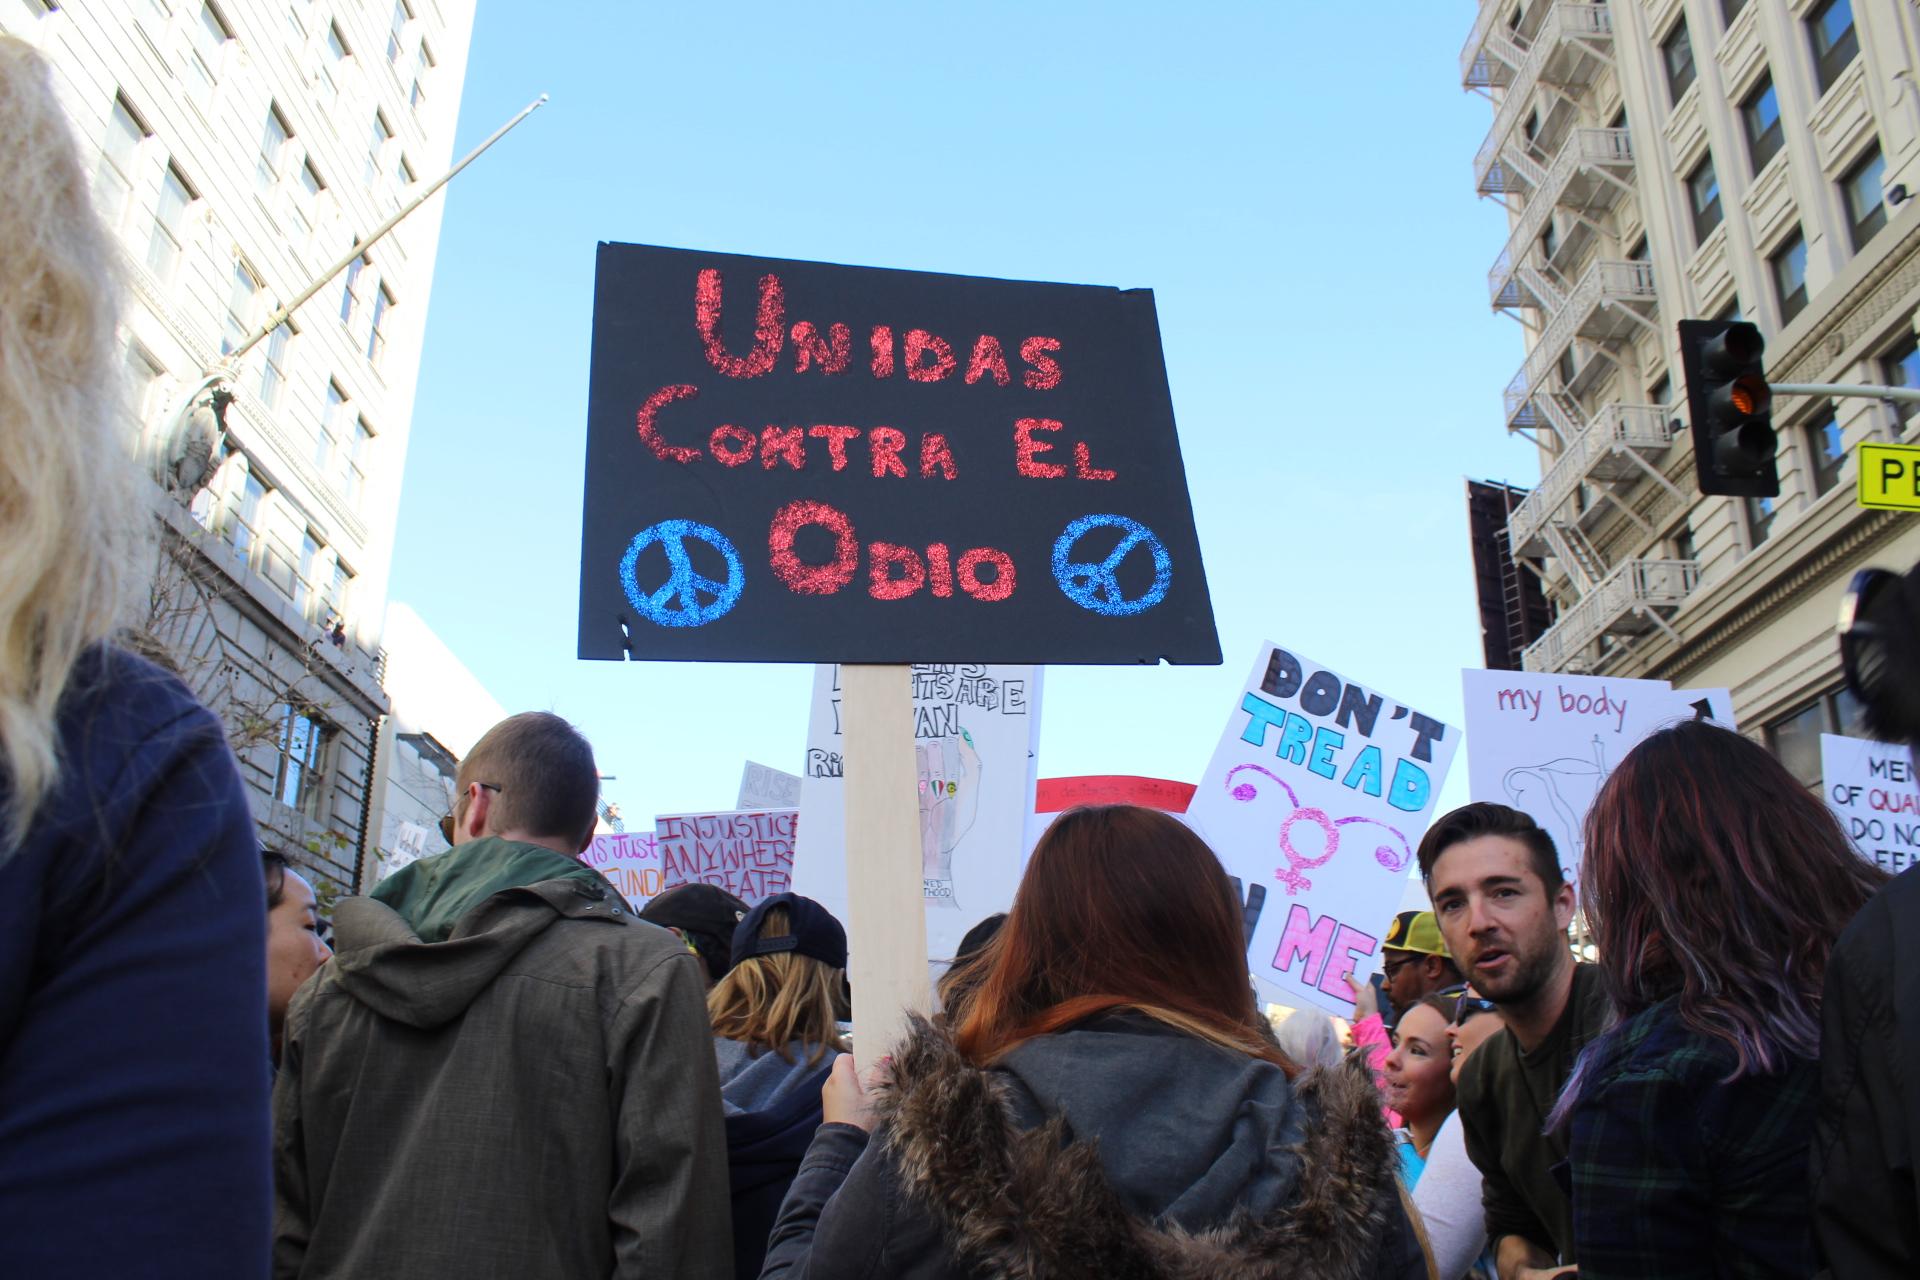 Ana Flores, de 24 años, marcha de la mano de su compañera para pedir se respeten los derechos de inmigrantes y de la mujer. (Foto: Joanna Jacobo/La Opinión)